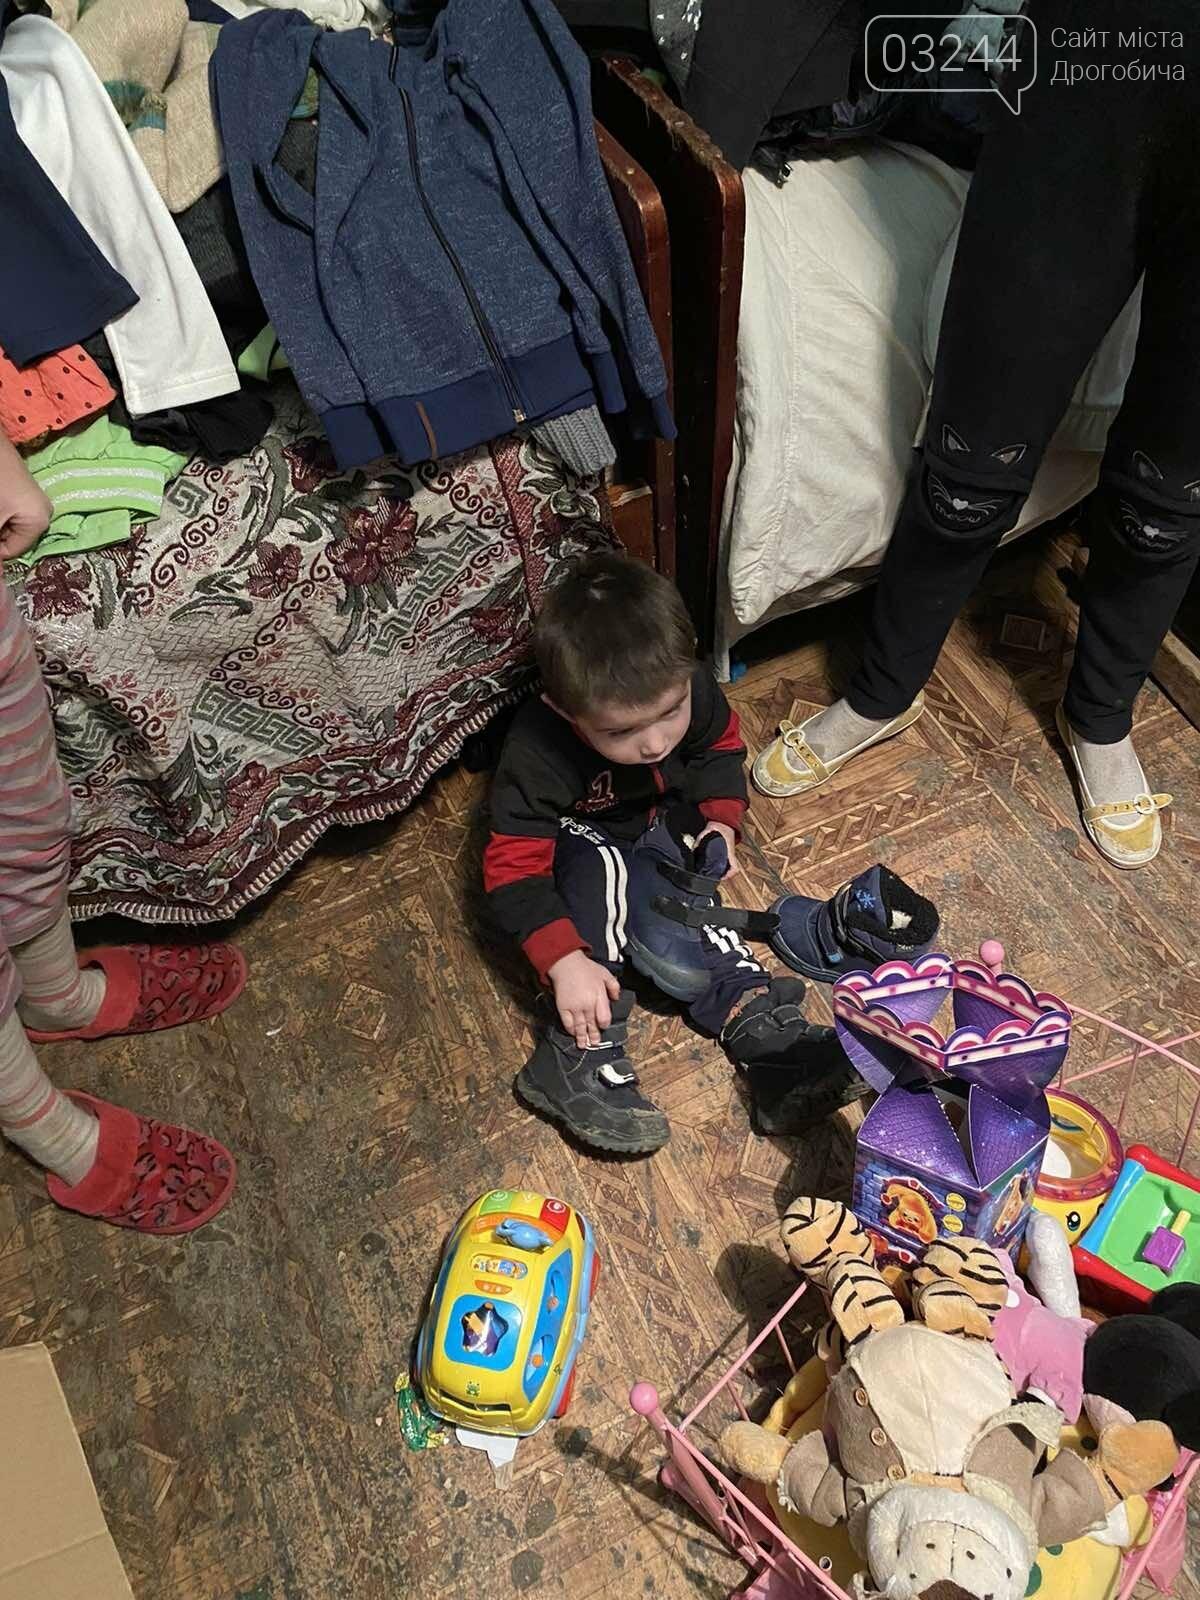 «Є сім'ї, які потребують не дорогих телефонів, а їжі та одягу», - Катя Максимова про благочинну акцію для потребуючих родин, фото-7